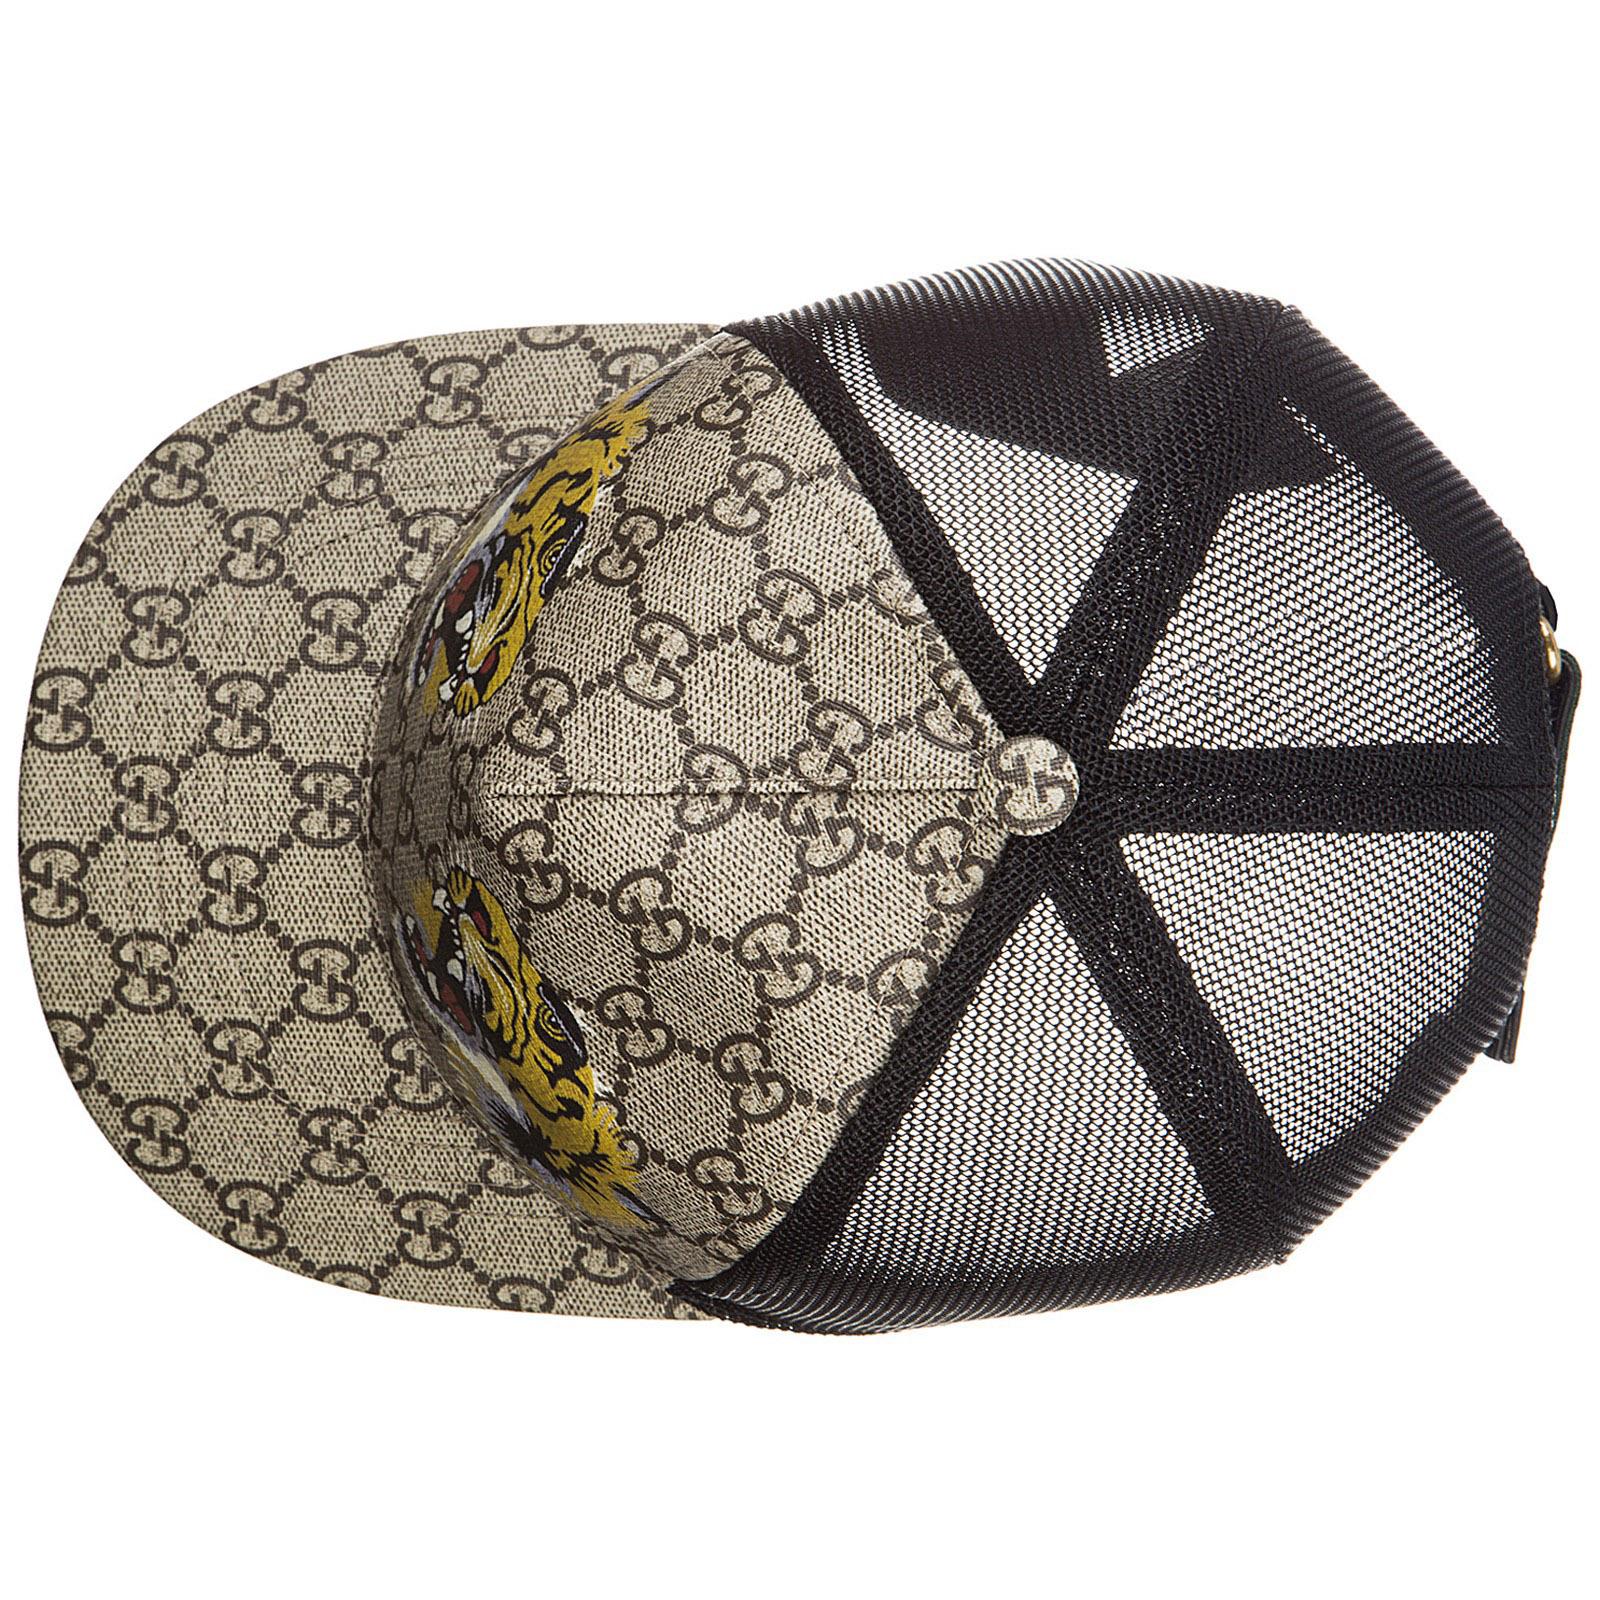 0a52ade4e2b Casquette baseball Gucci 426887 4HB13 2160 beige